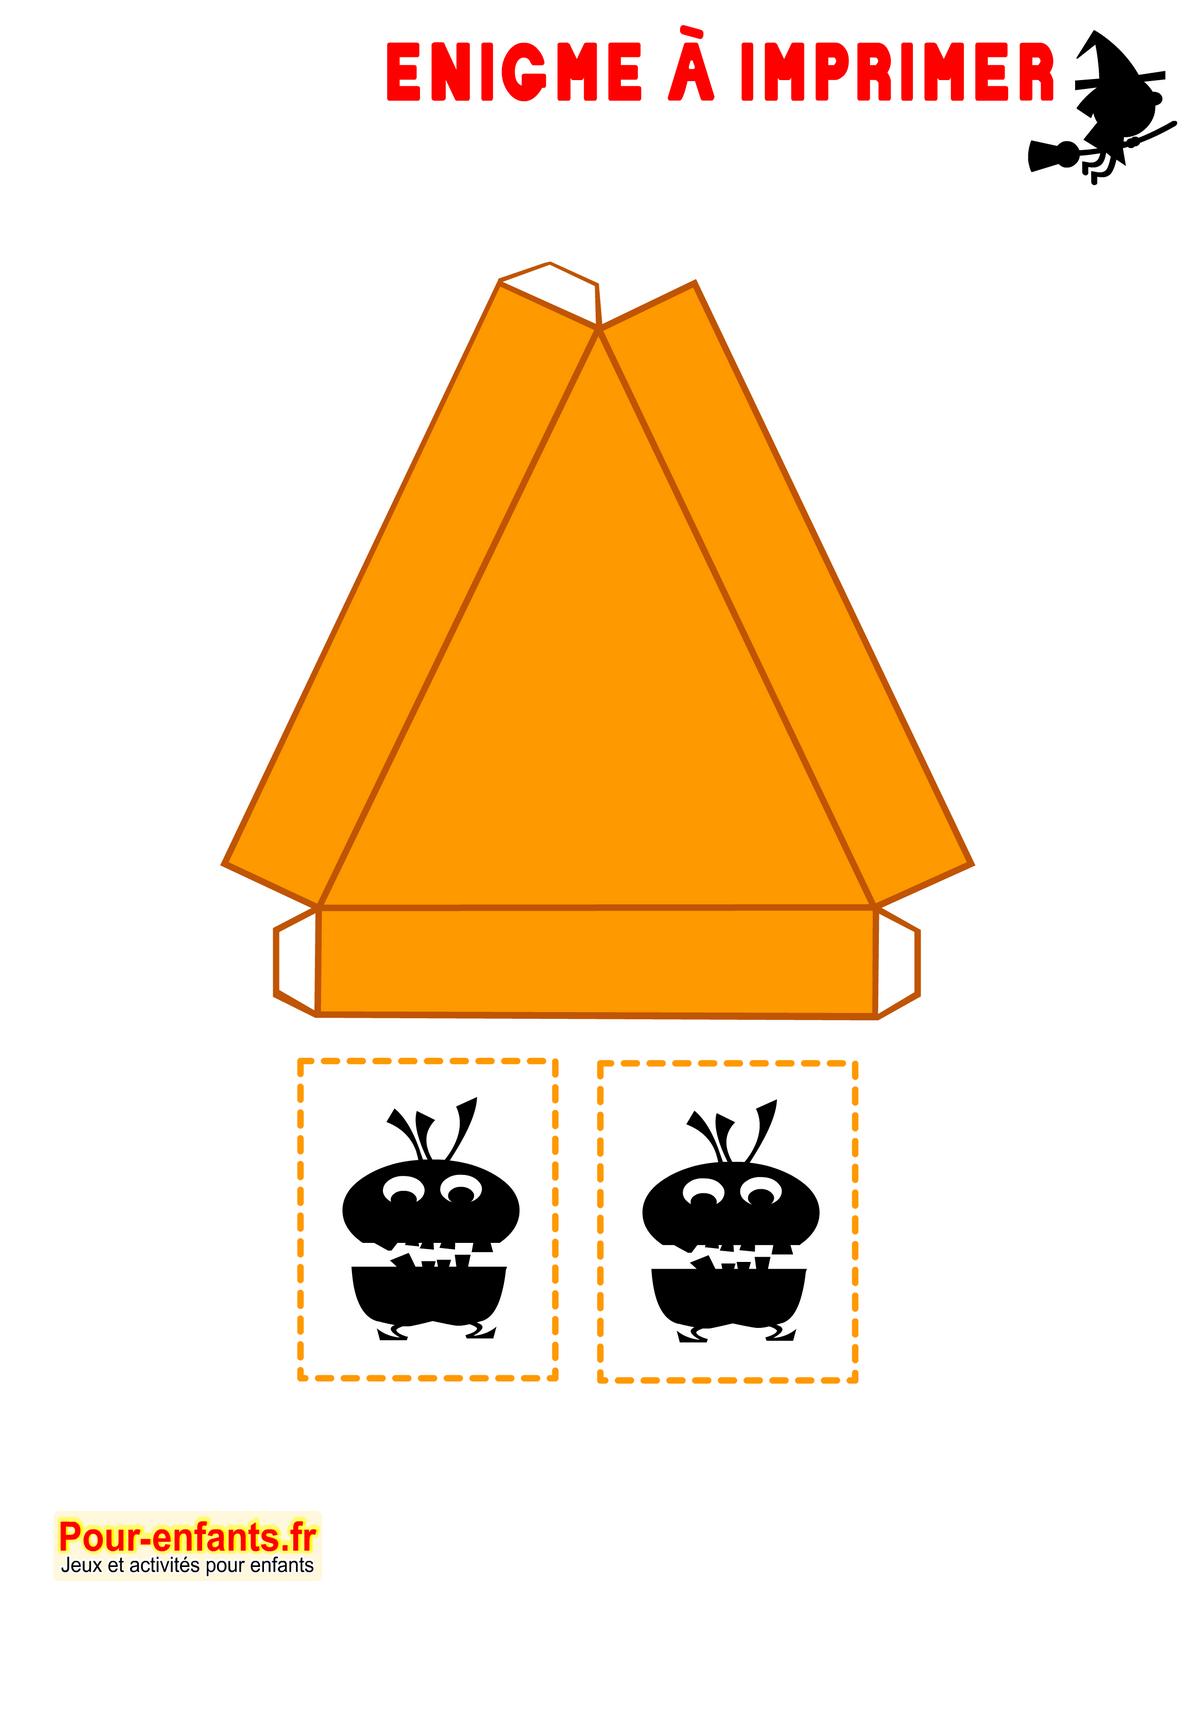 Enigmes Idées Activités Jeux À Imprimer Halloween Bricolage intérieur Jeux D Halloween Gratuit